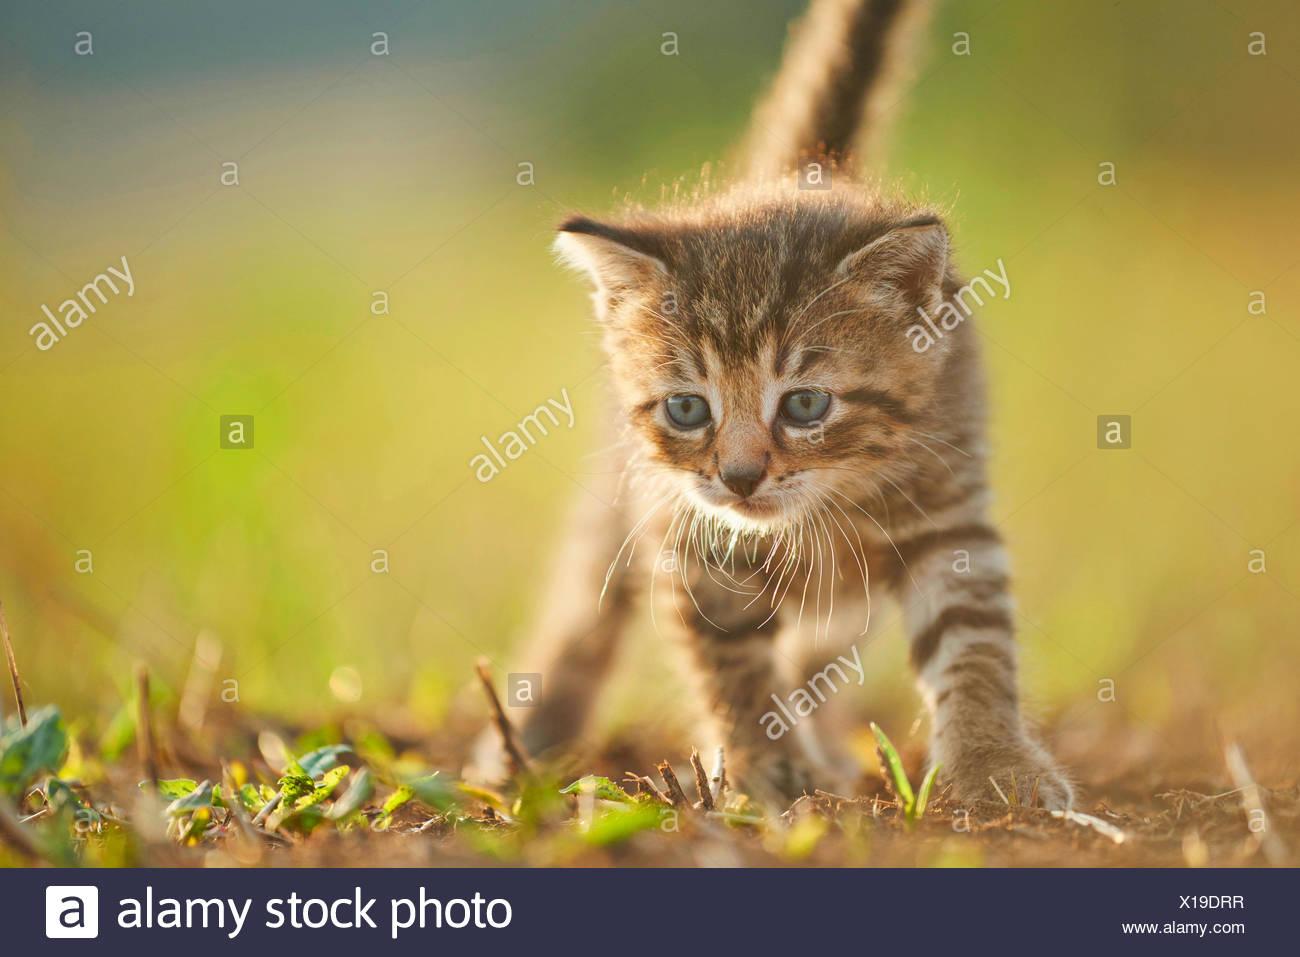 domestic cat, house cat (Felis silvestris f. catus), five weeks old kitten walking in a meadow, Germany - Stock Image